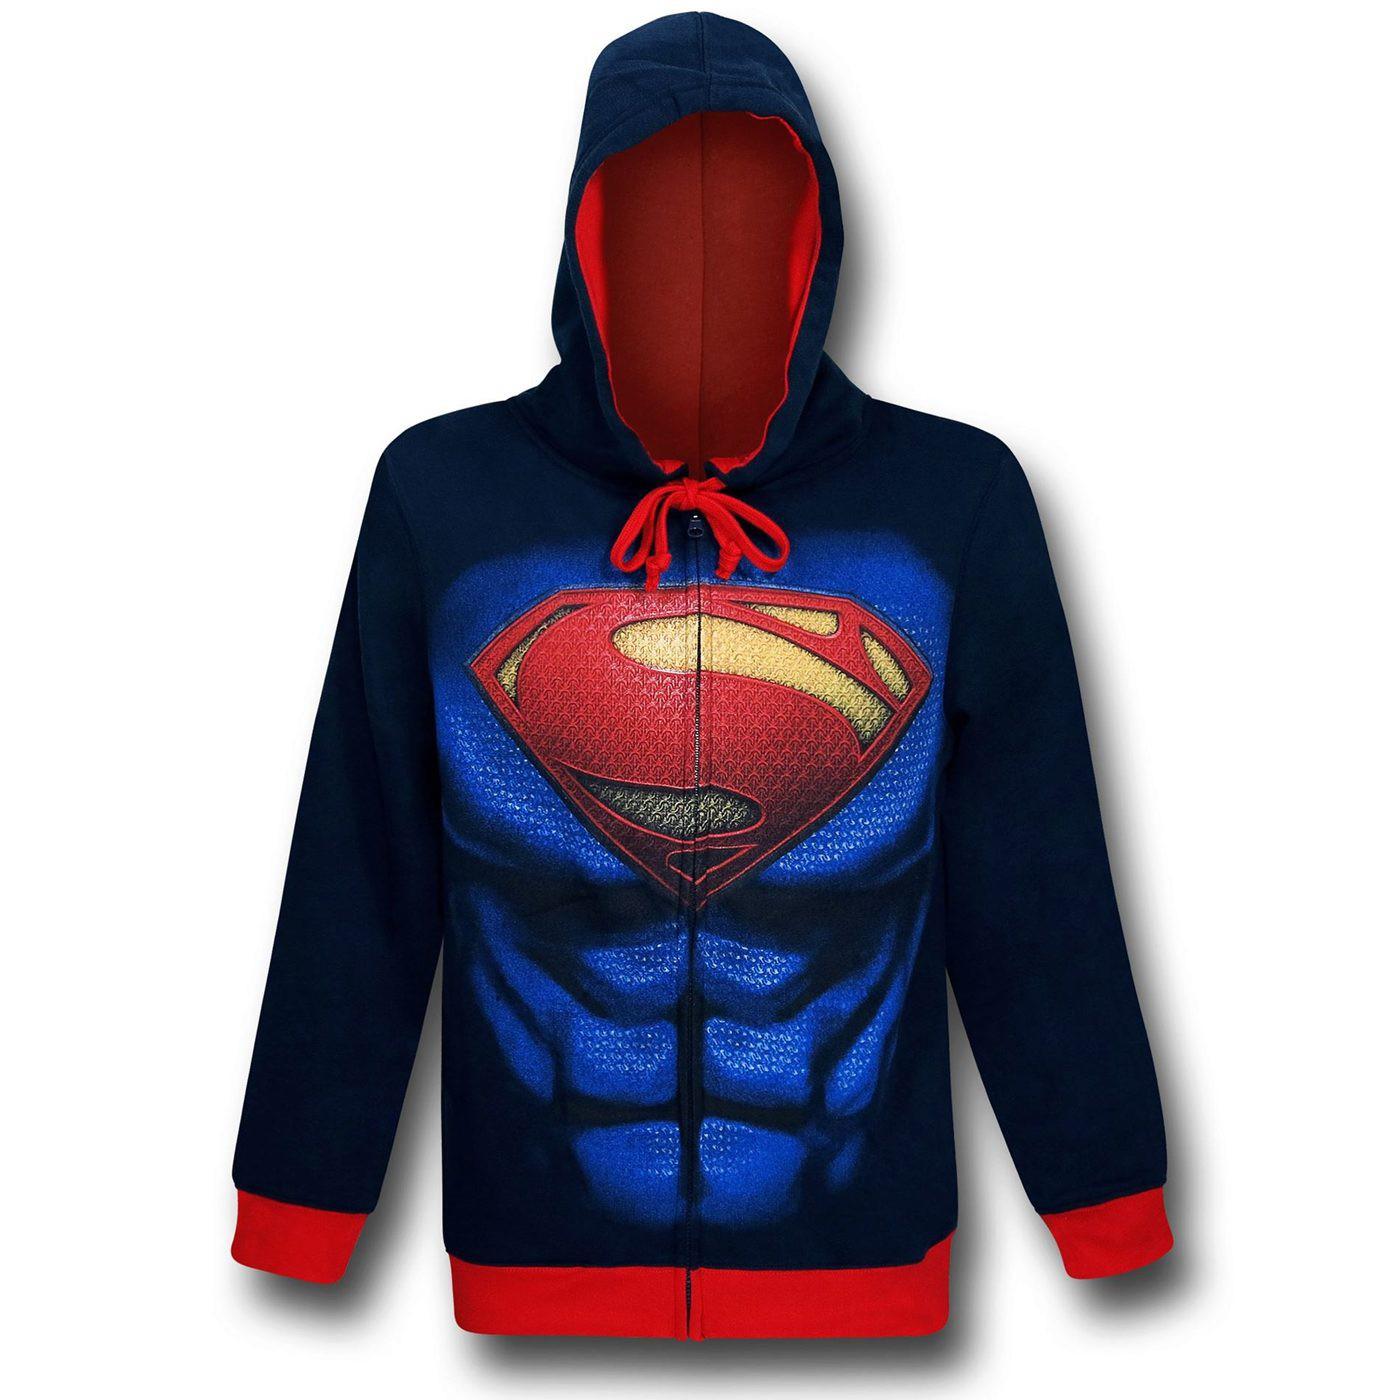 Superman Man of Steel Armor Costume Hoodie